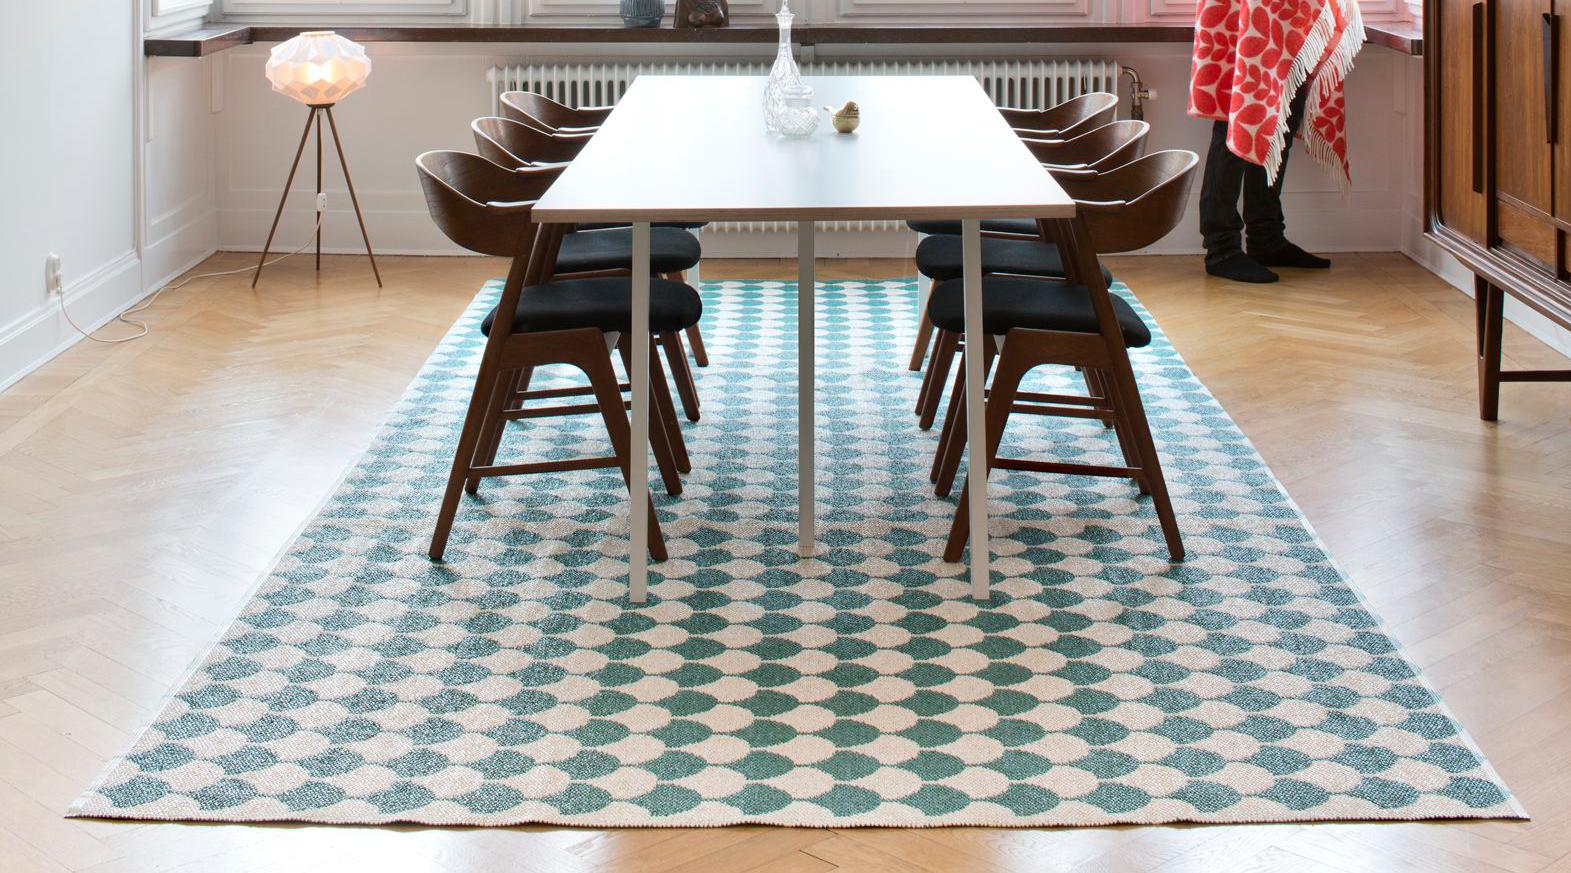 Alfombras de vinilo comprar materiales de construcci n - Westwing alfombras vinilo ...